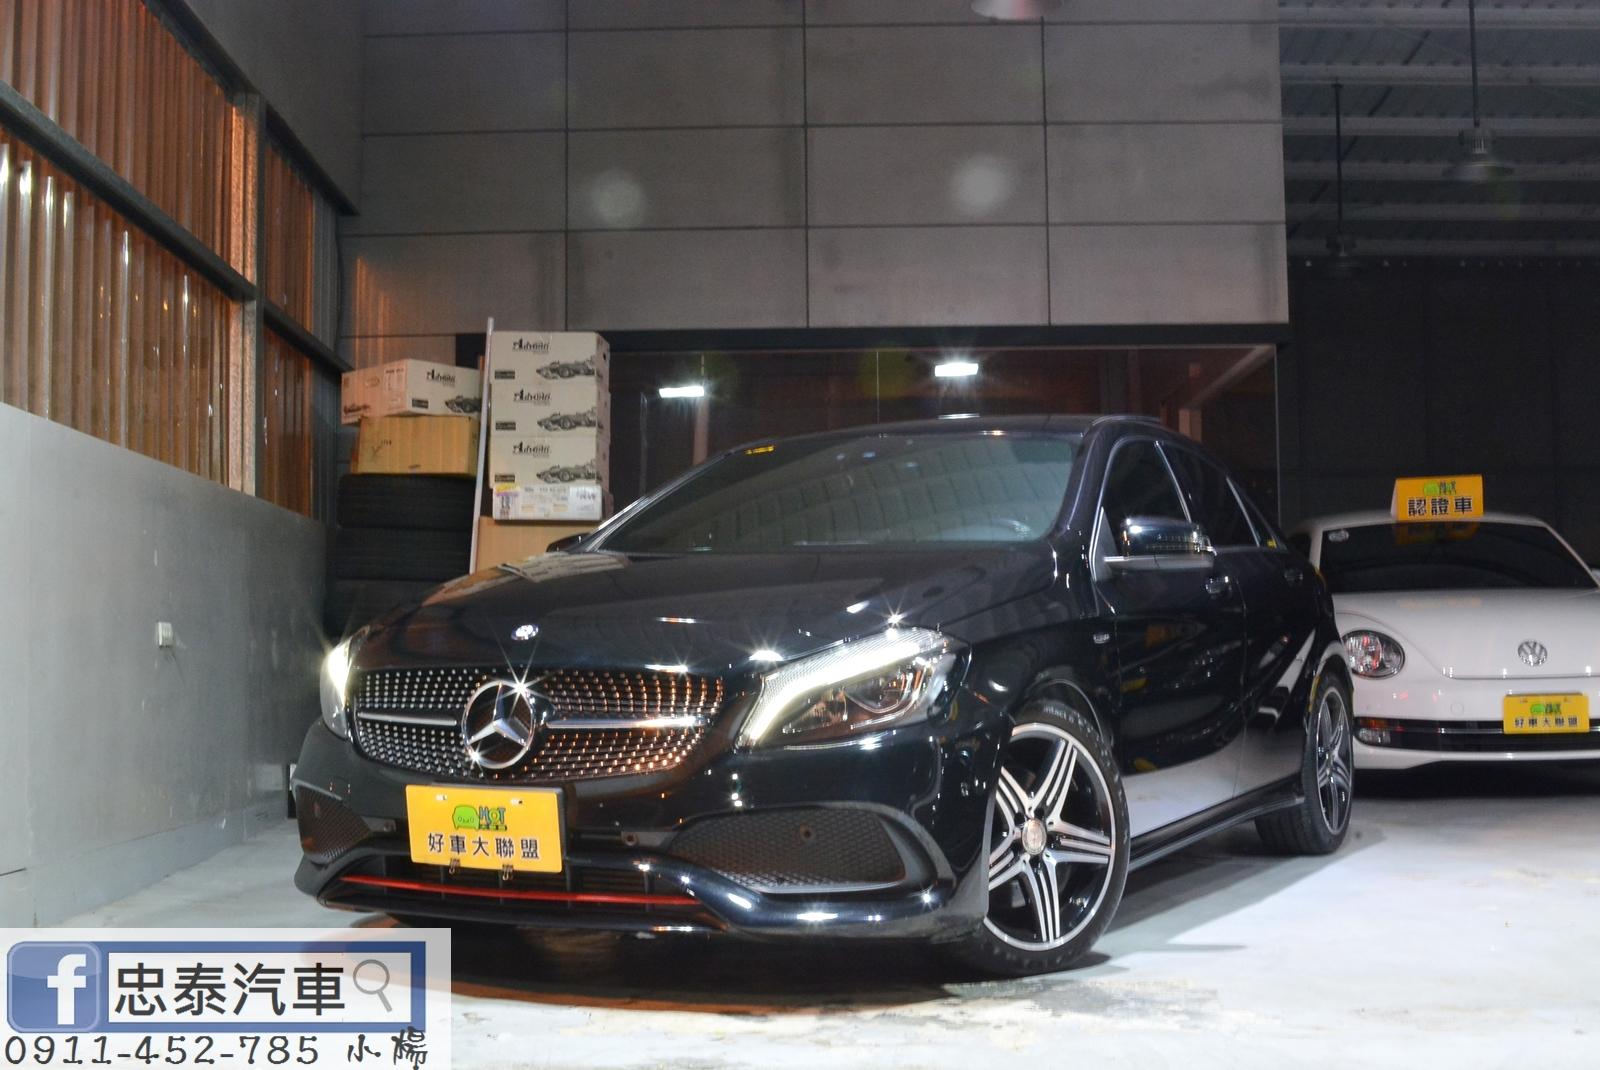 2016 M-Benz 賓士 A-class